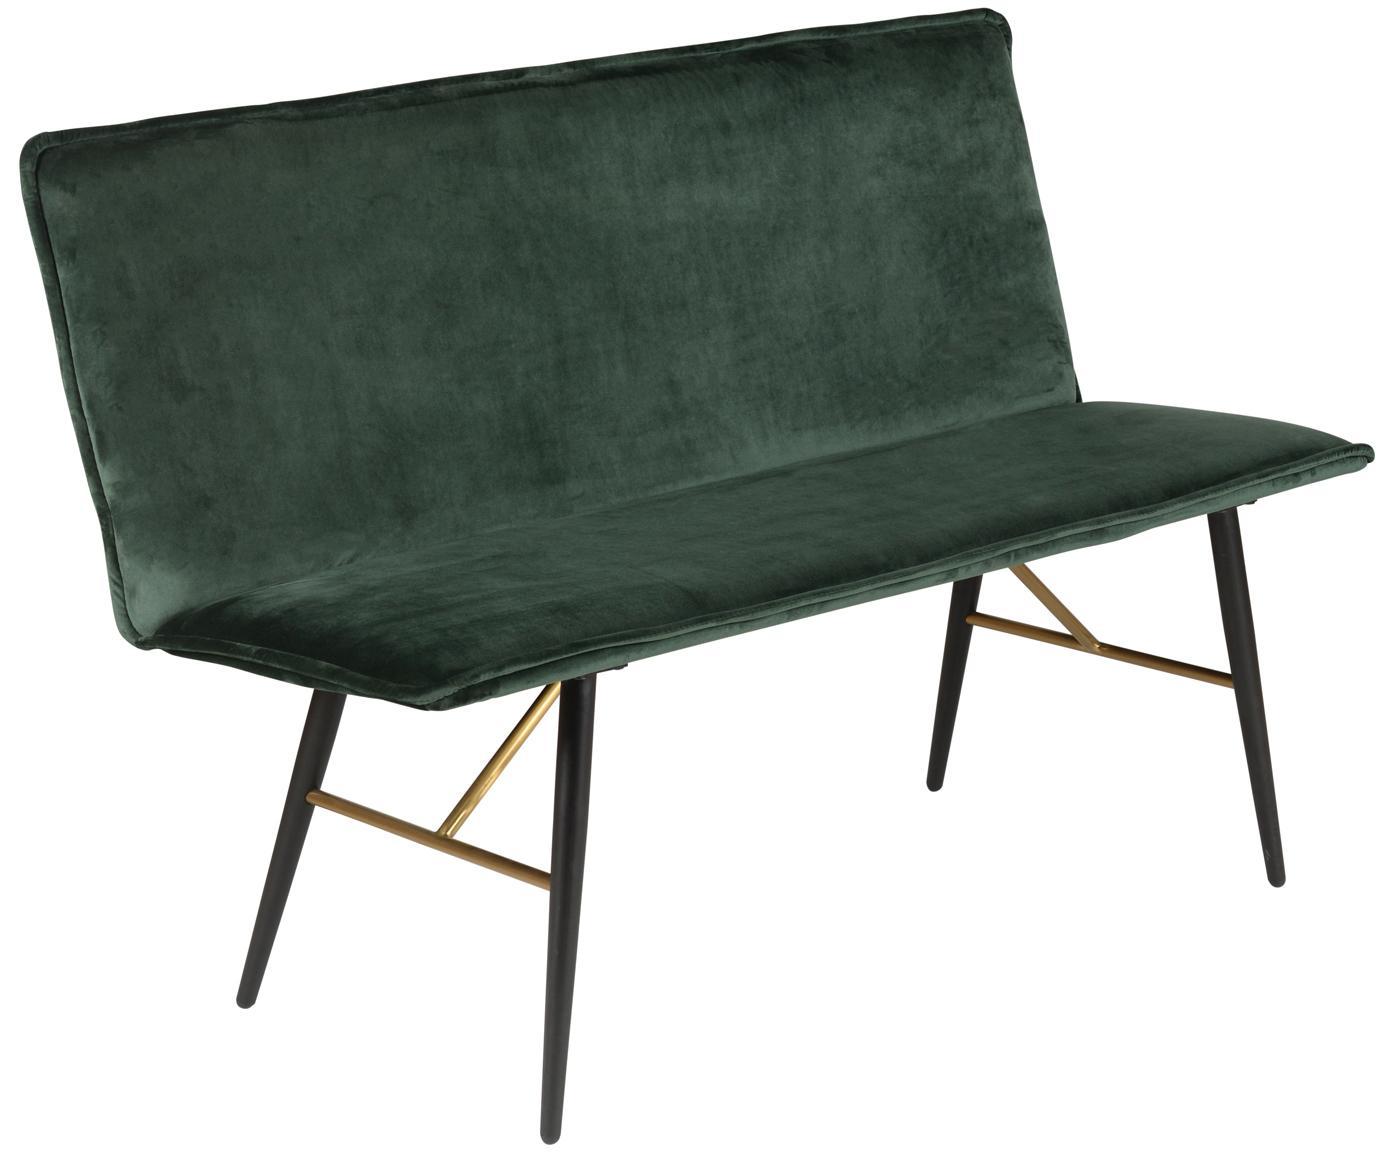 Panca in velluto con schienale Verona, Rivestimento: velluto di poliestere 45., Verde, nero, Larg. 134 x Prof. 55 cm